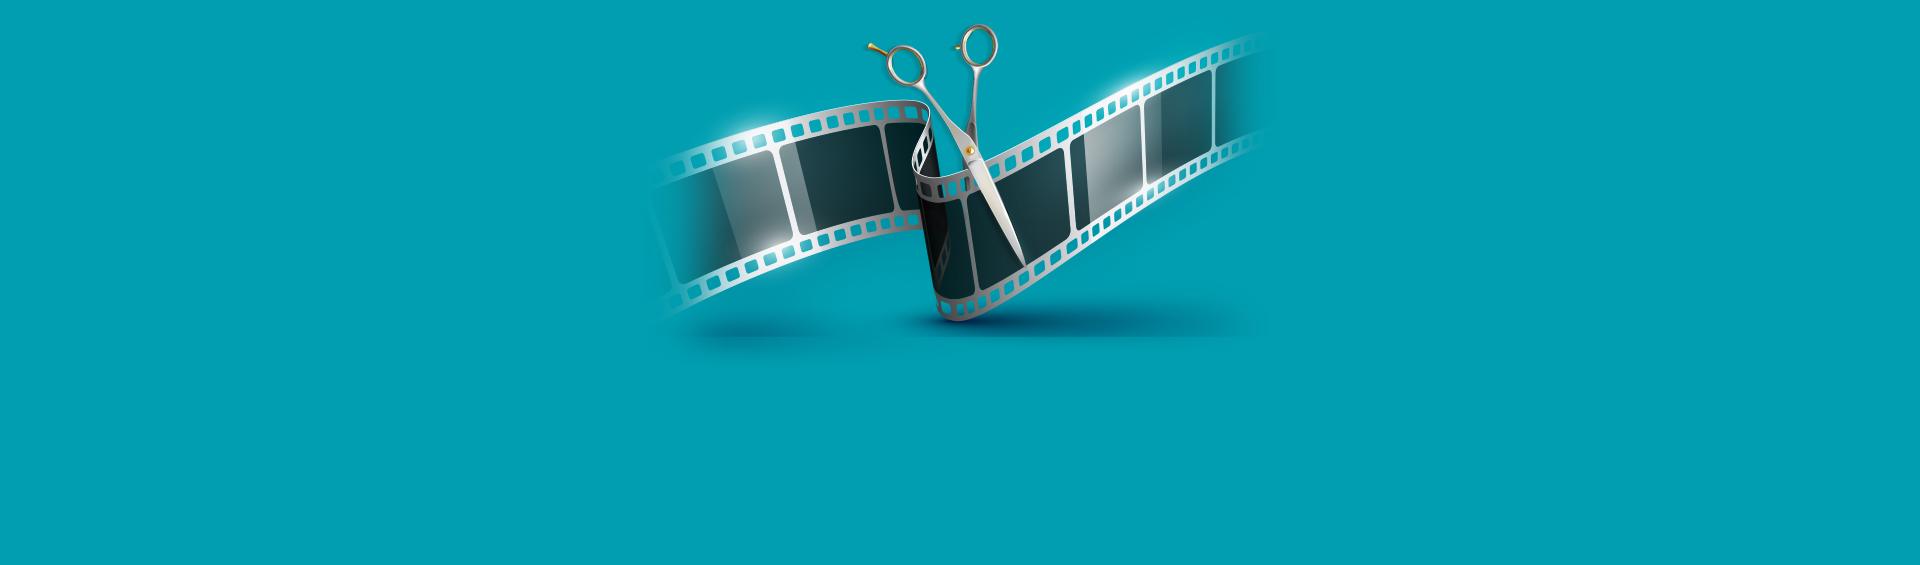 7 лучших программ для обработки и монтажа видео